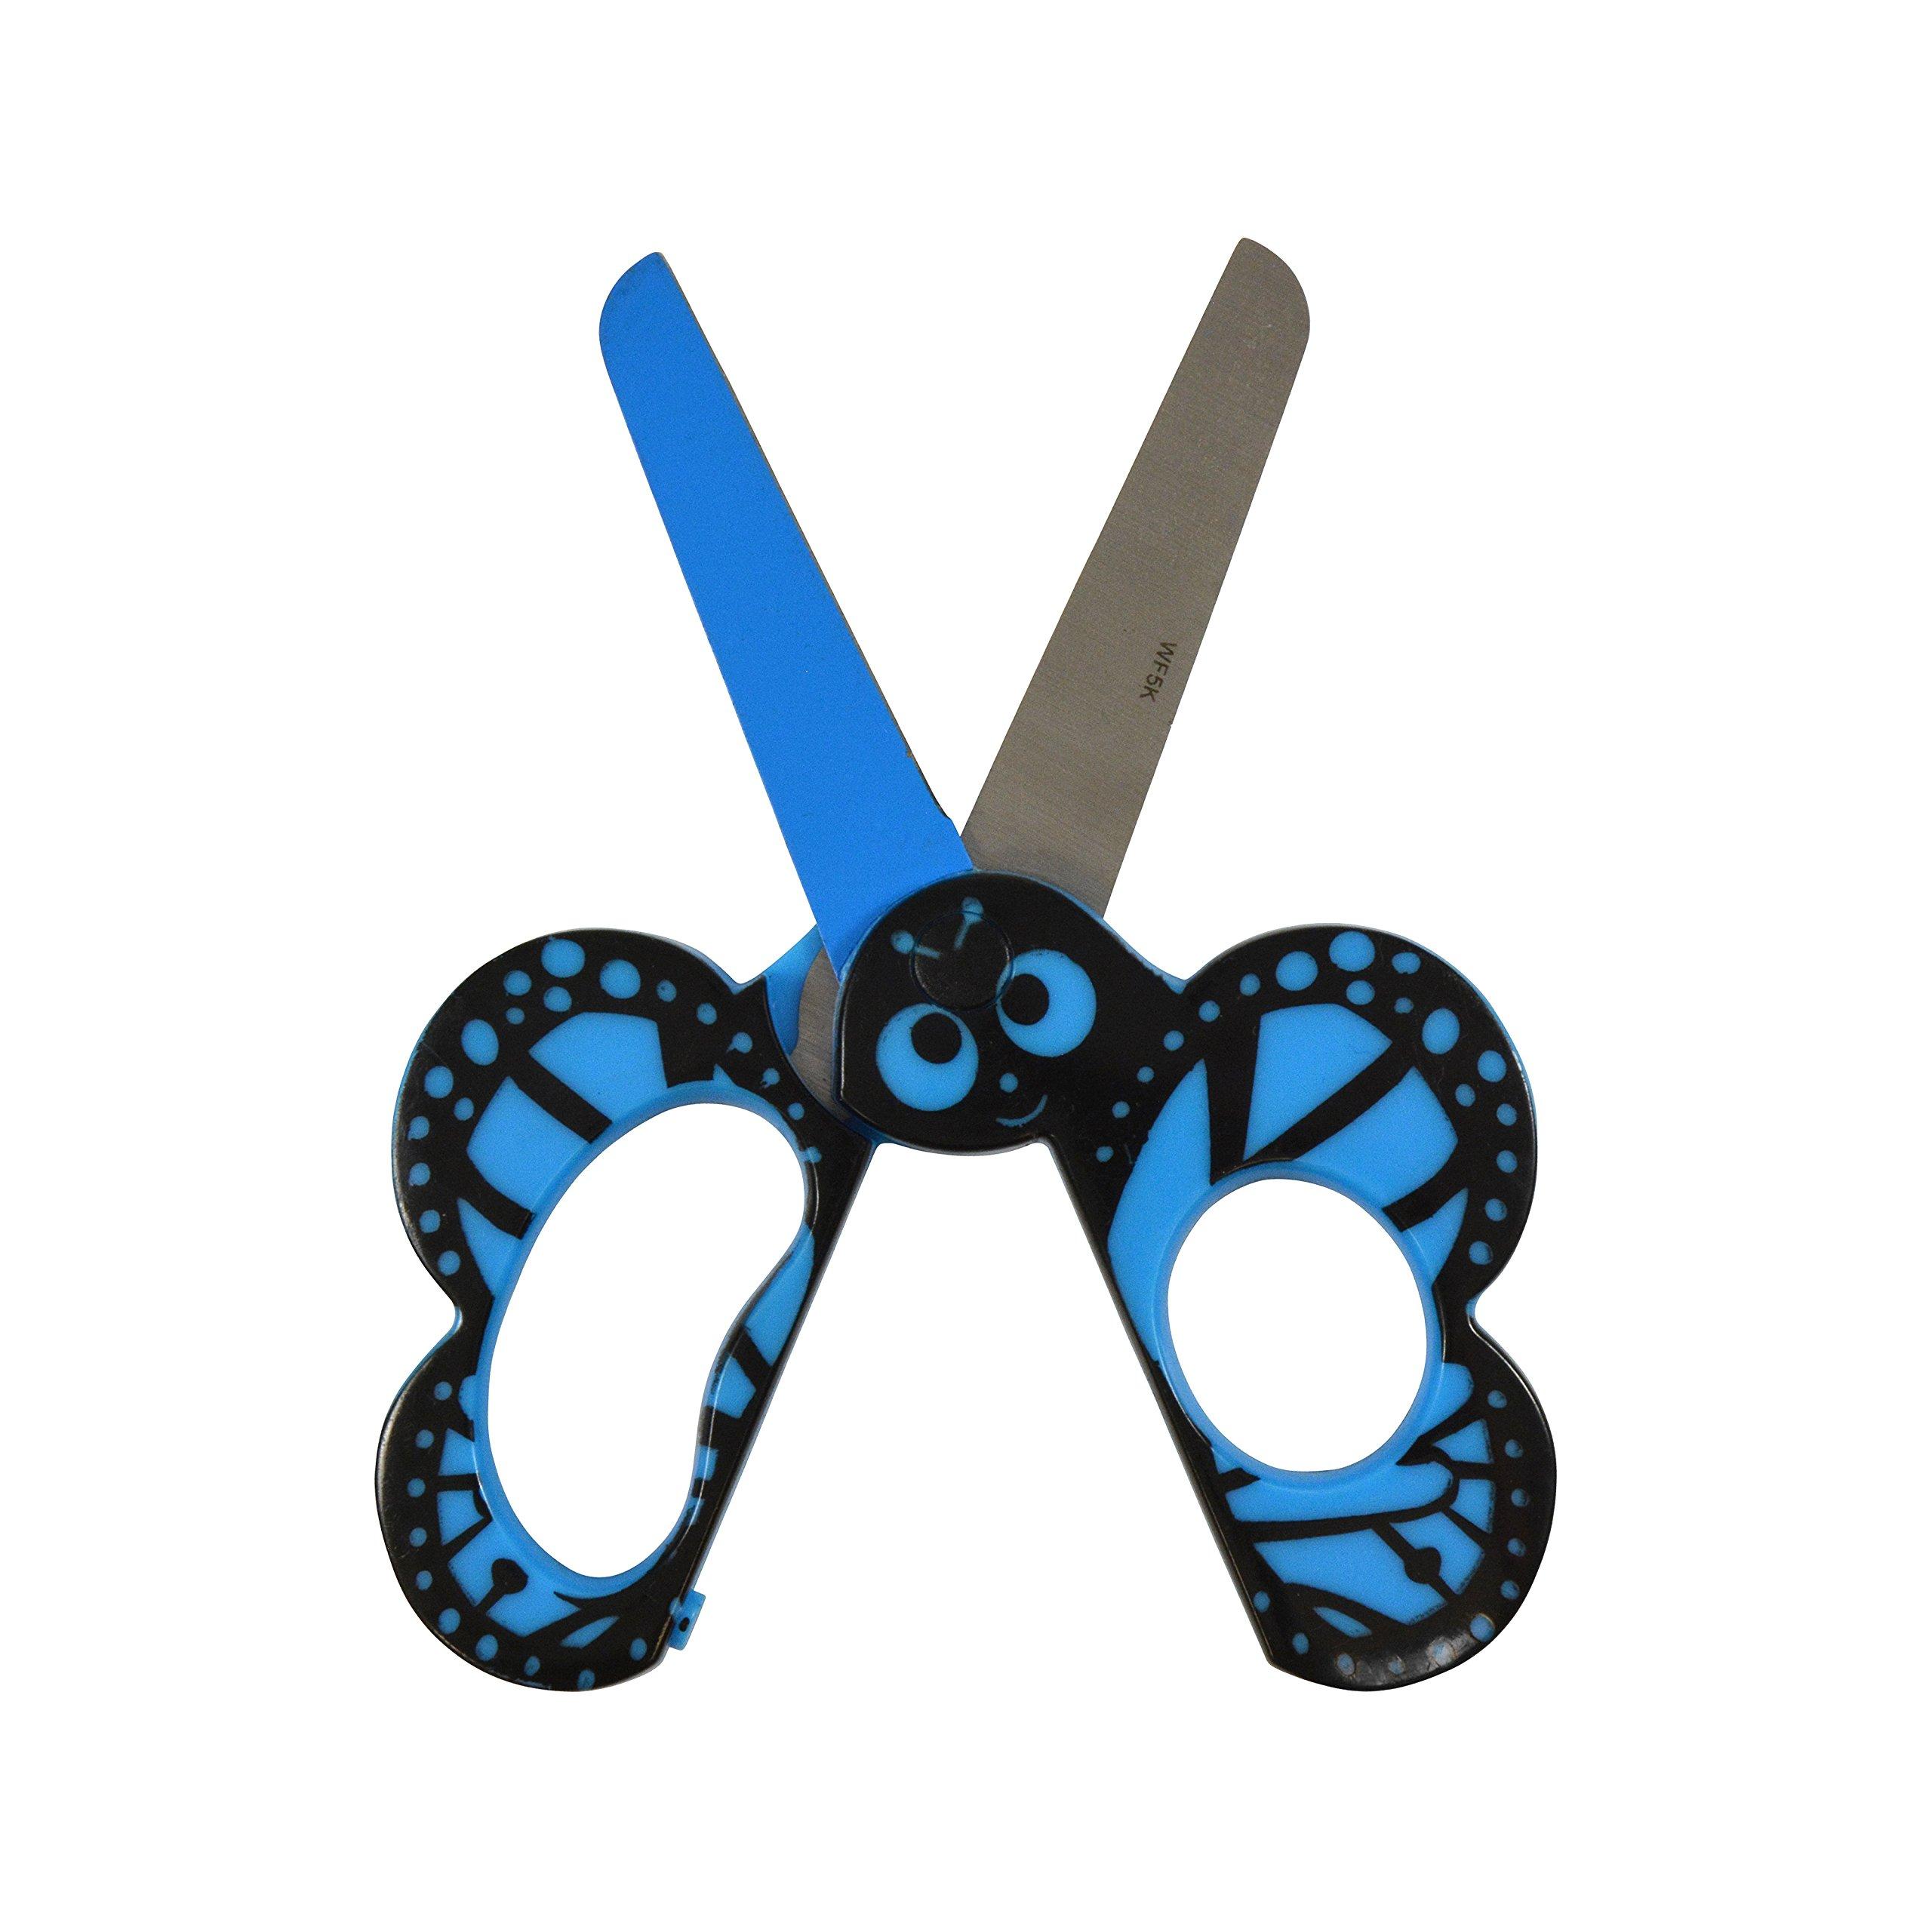 Westcott Kids Critters Scissors, Butterfly, Case of 72 (500-16209) - 5'' by Westcott (Image #2)